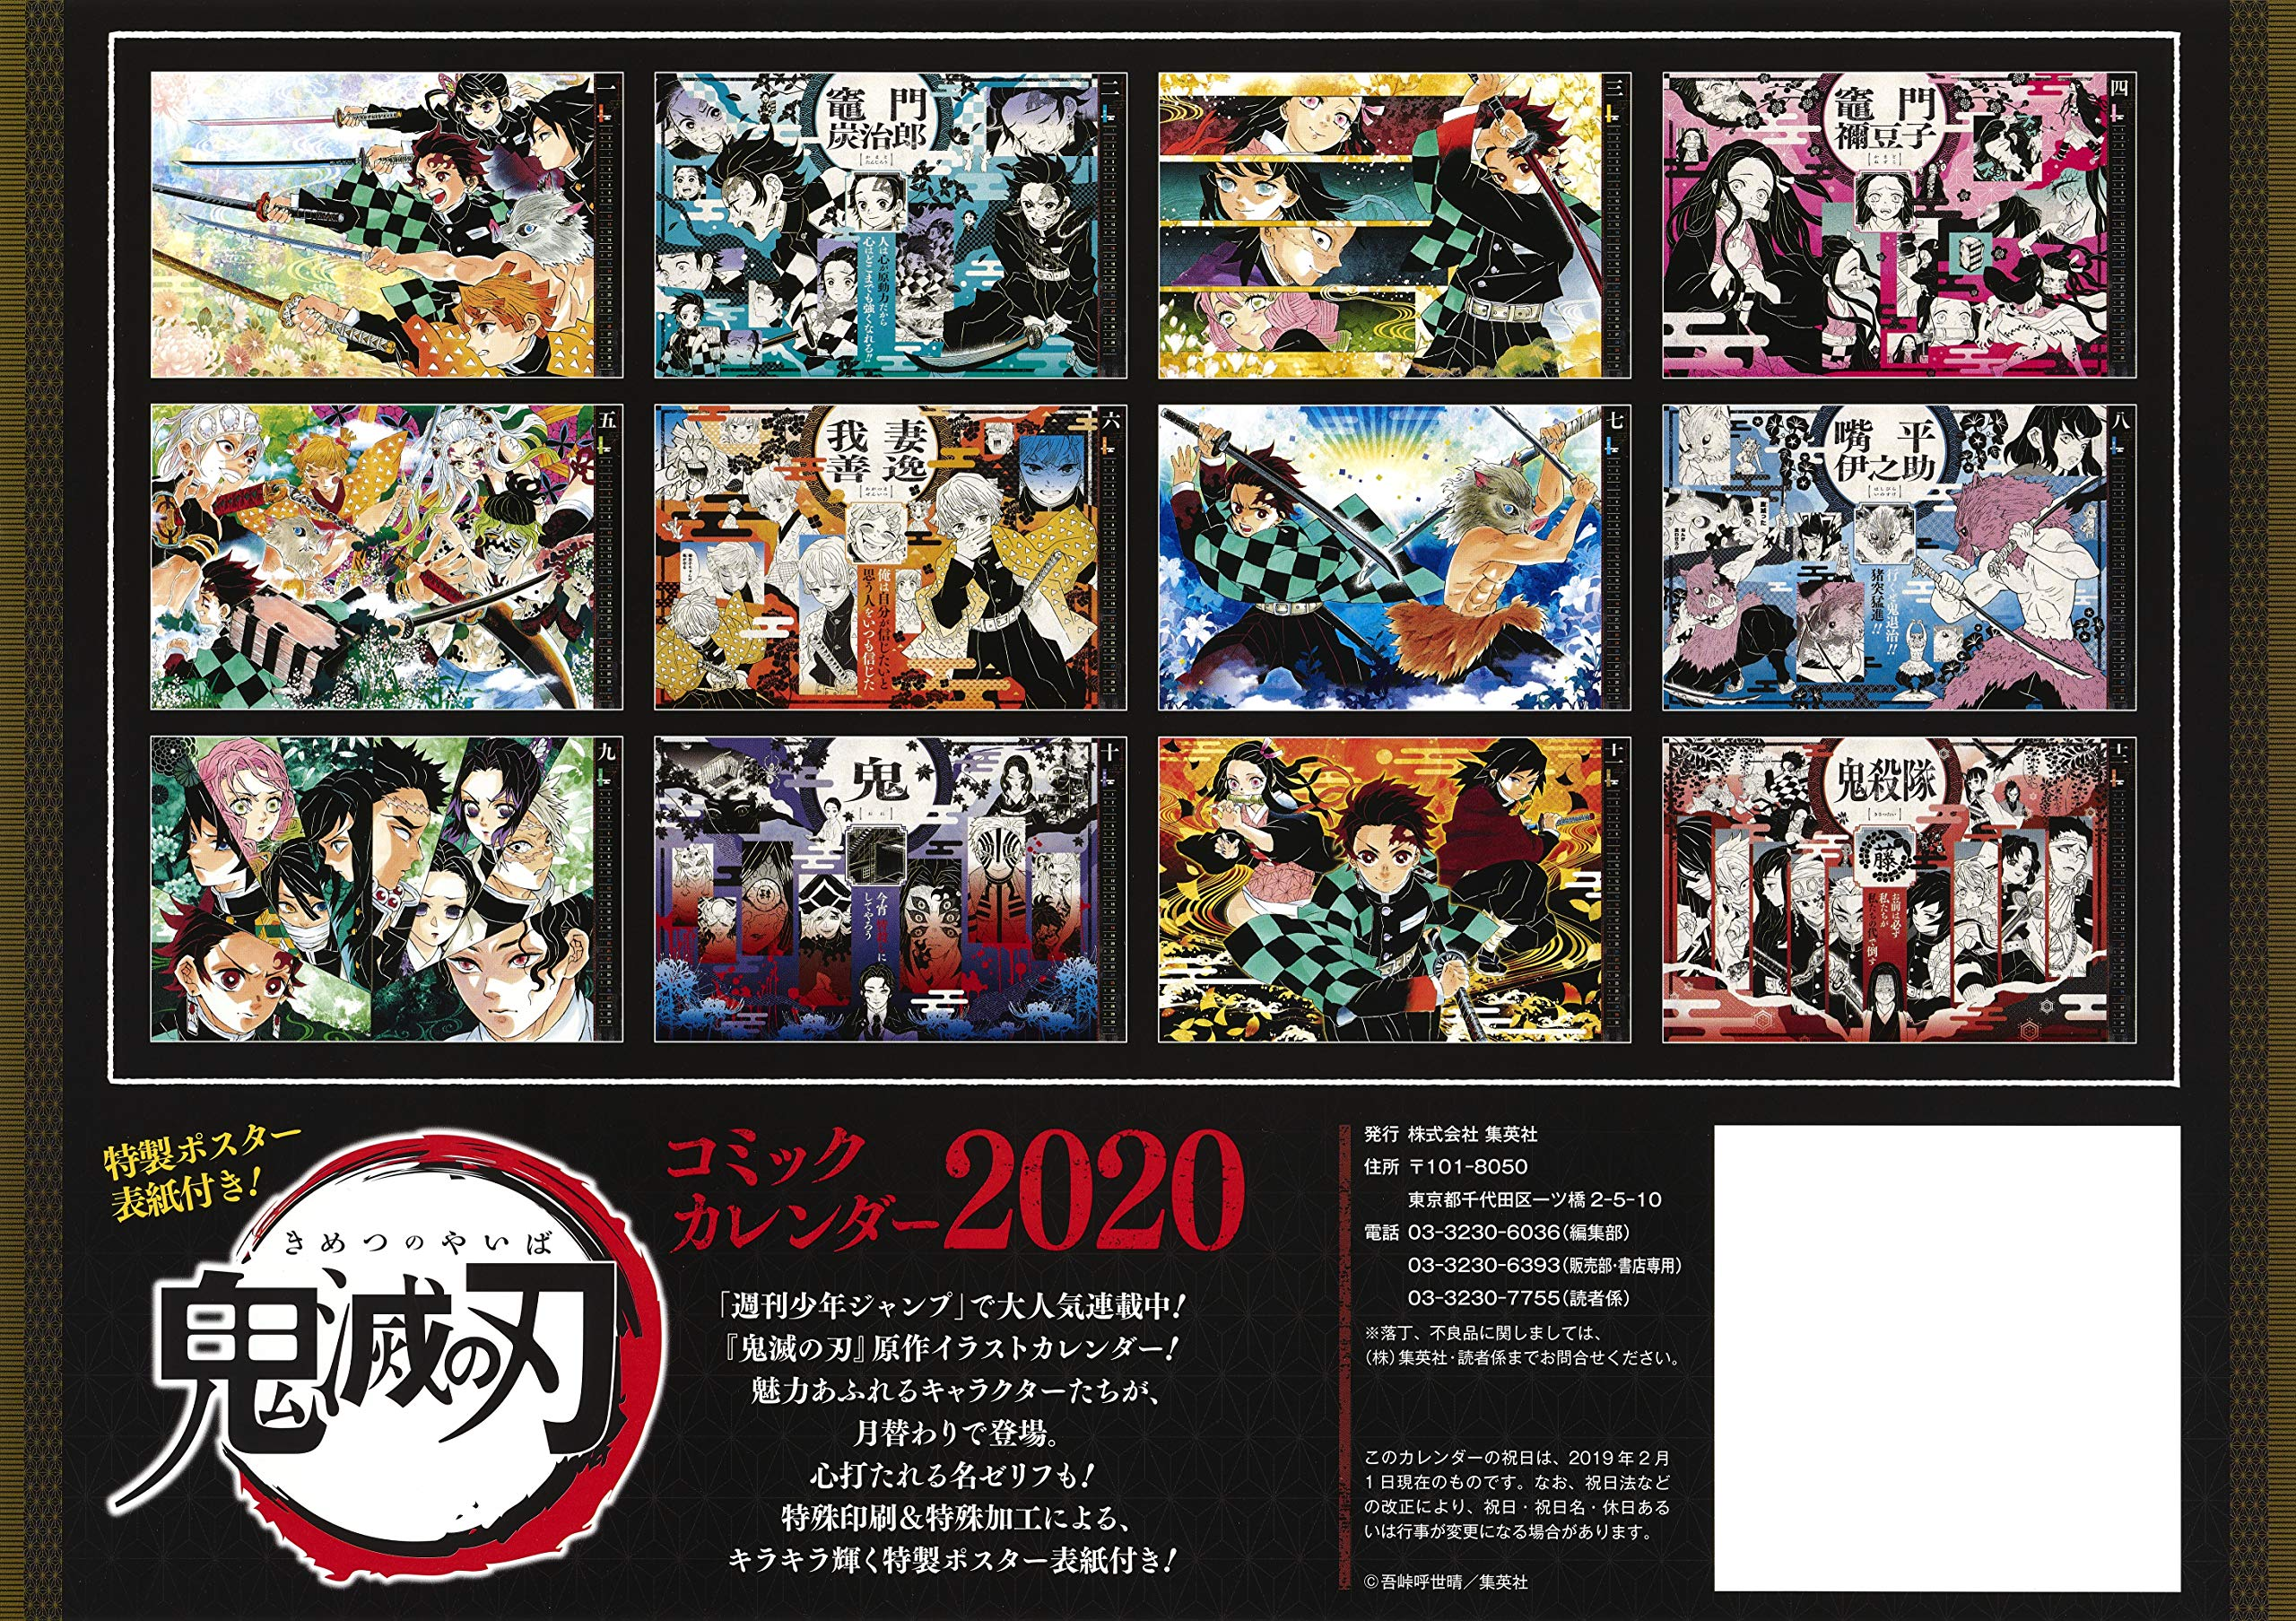 『鬼滅の刃』きめつのやいば コミックカレンダー2020 カレンダー